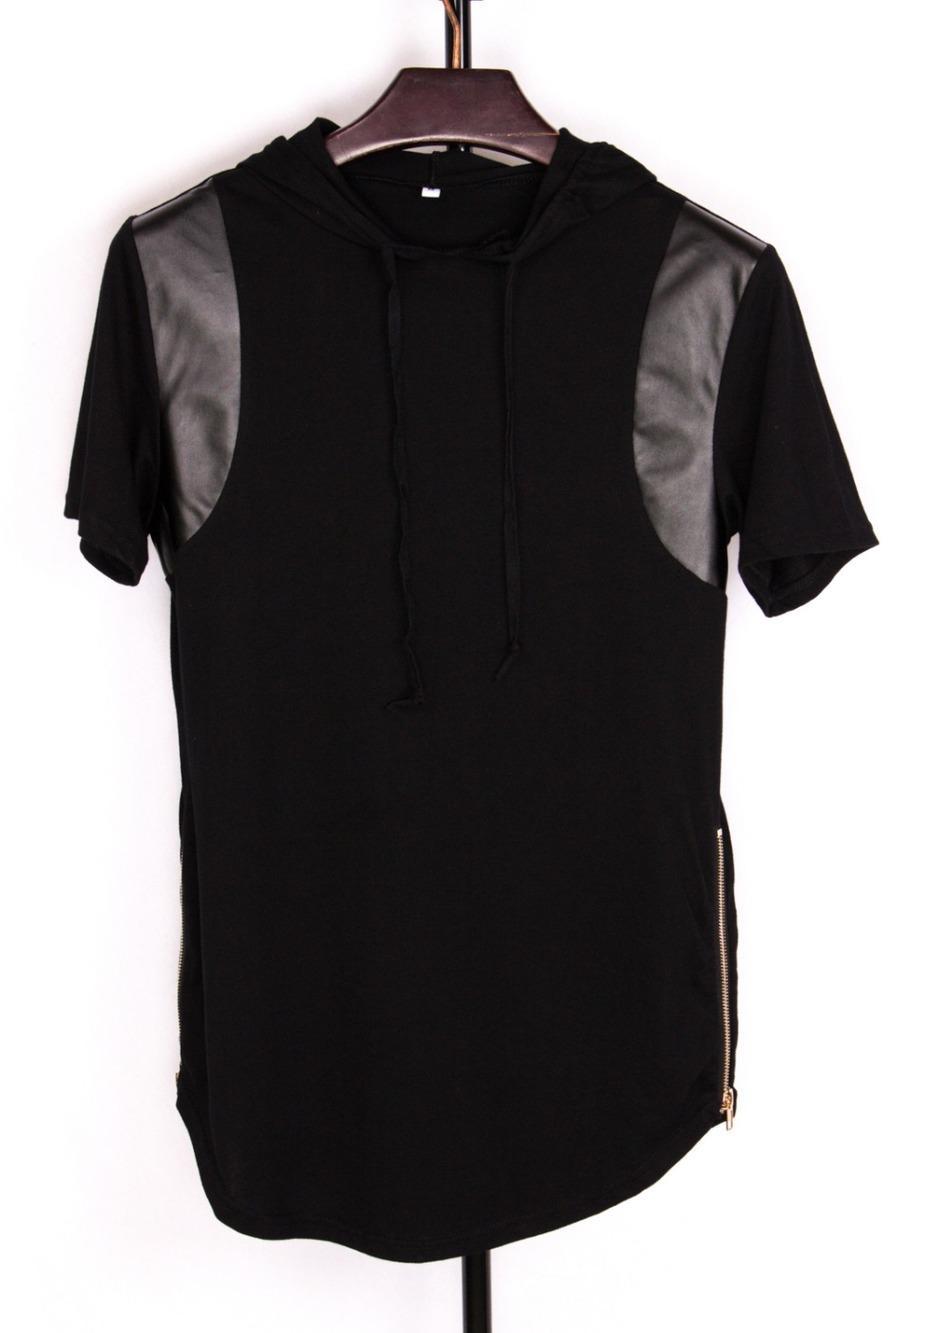 2016 الرجال الهيب هوب تي شيرت الأزياء tyga الذهب الجانب سستة 100٪ ٪ غنيمة t-shirt بو الجلود المرقعة مع هود قمم الموسعة